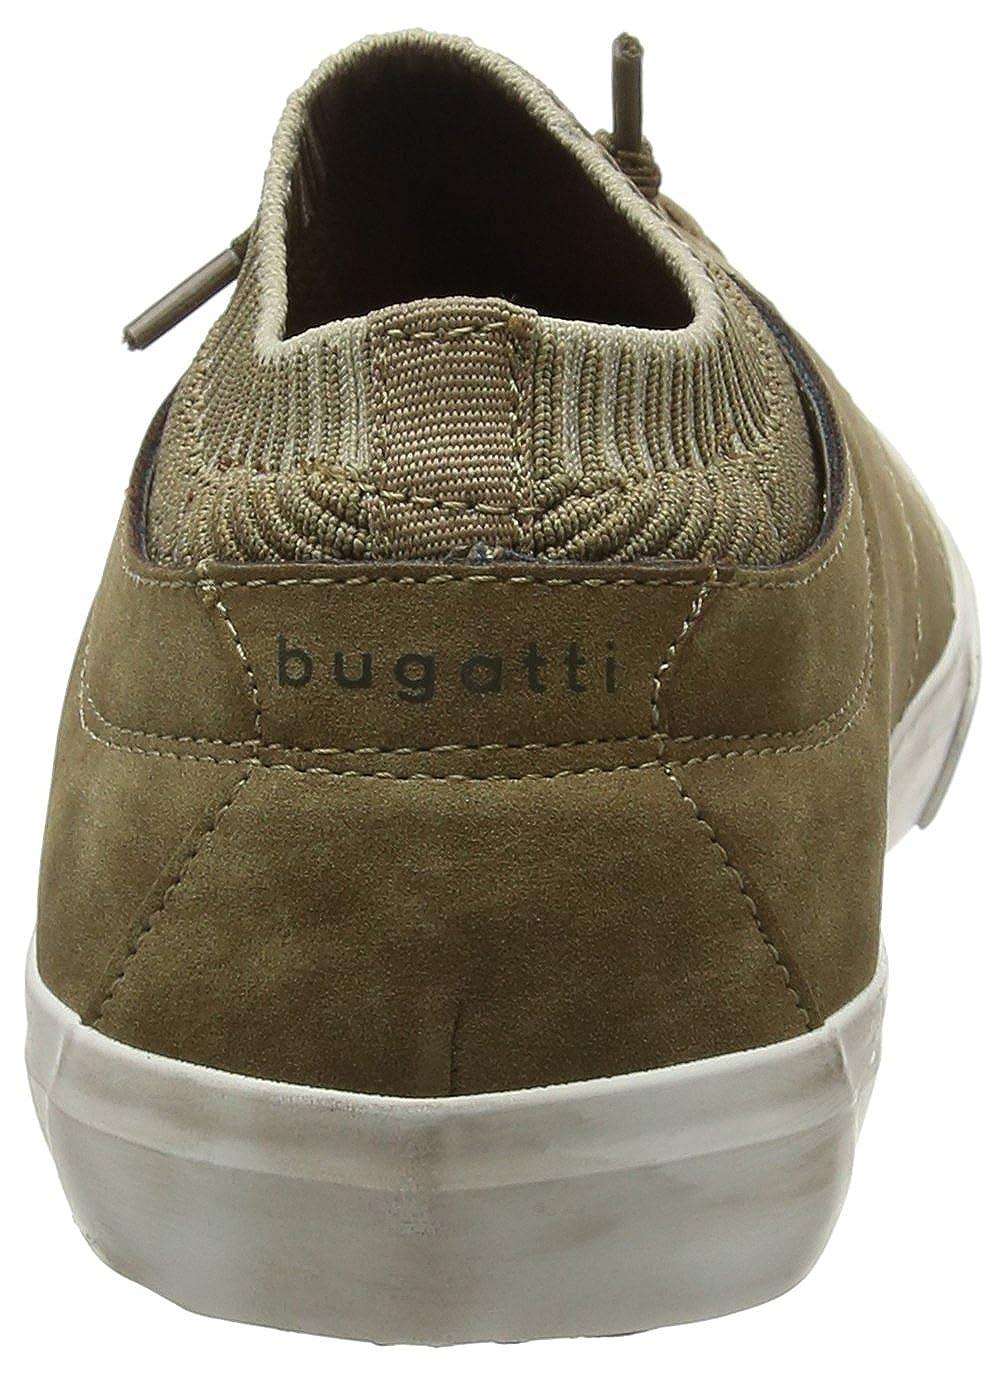 Bugatti Herren 322304606900 Braun Slipper Braun 322304606900 (Taupe 1400) 171cdd